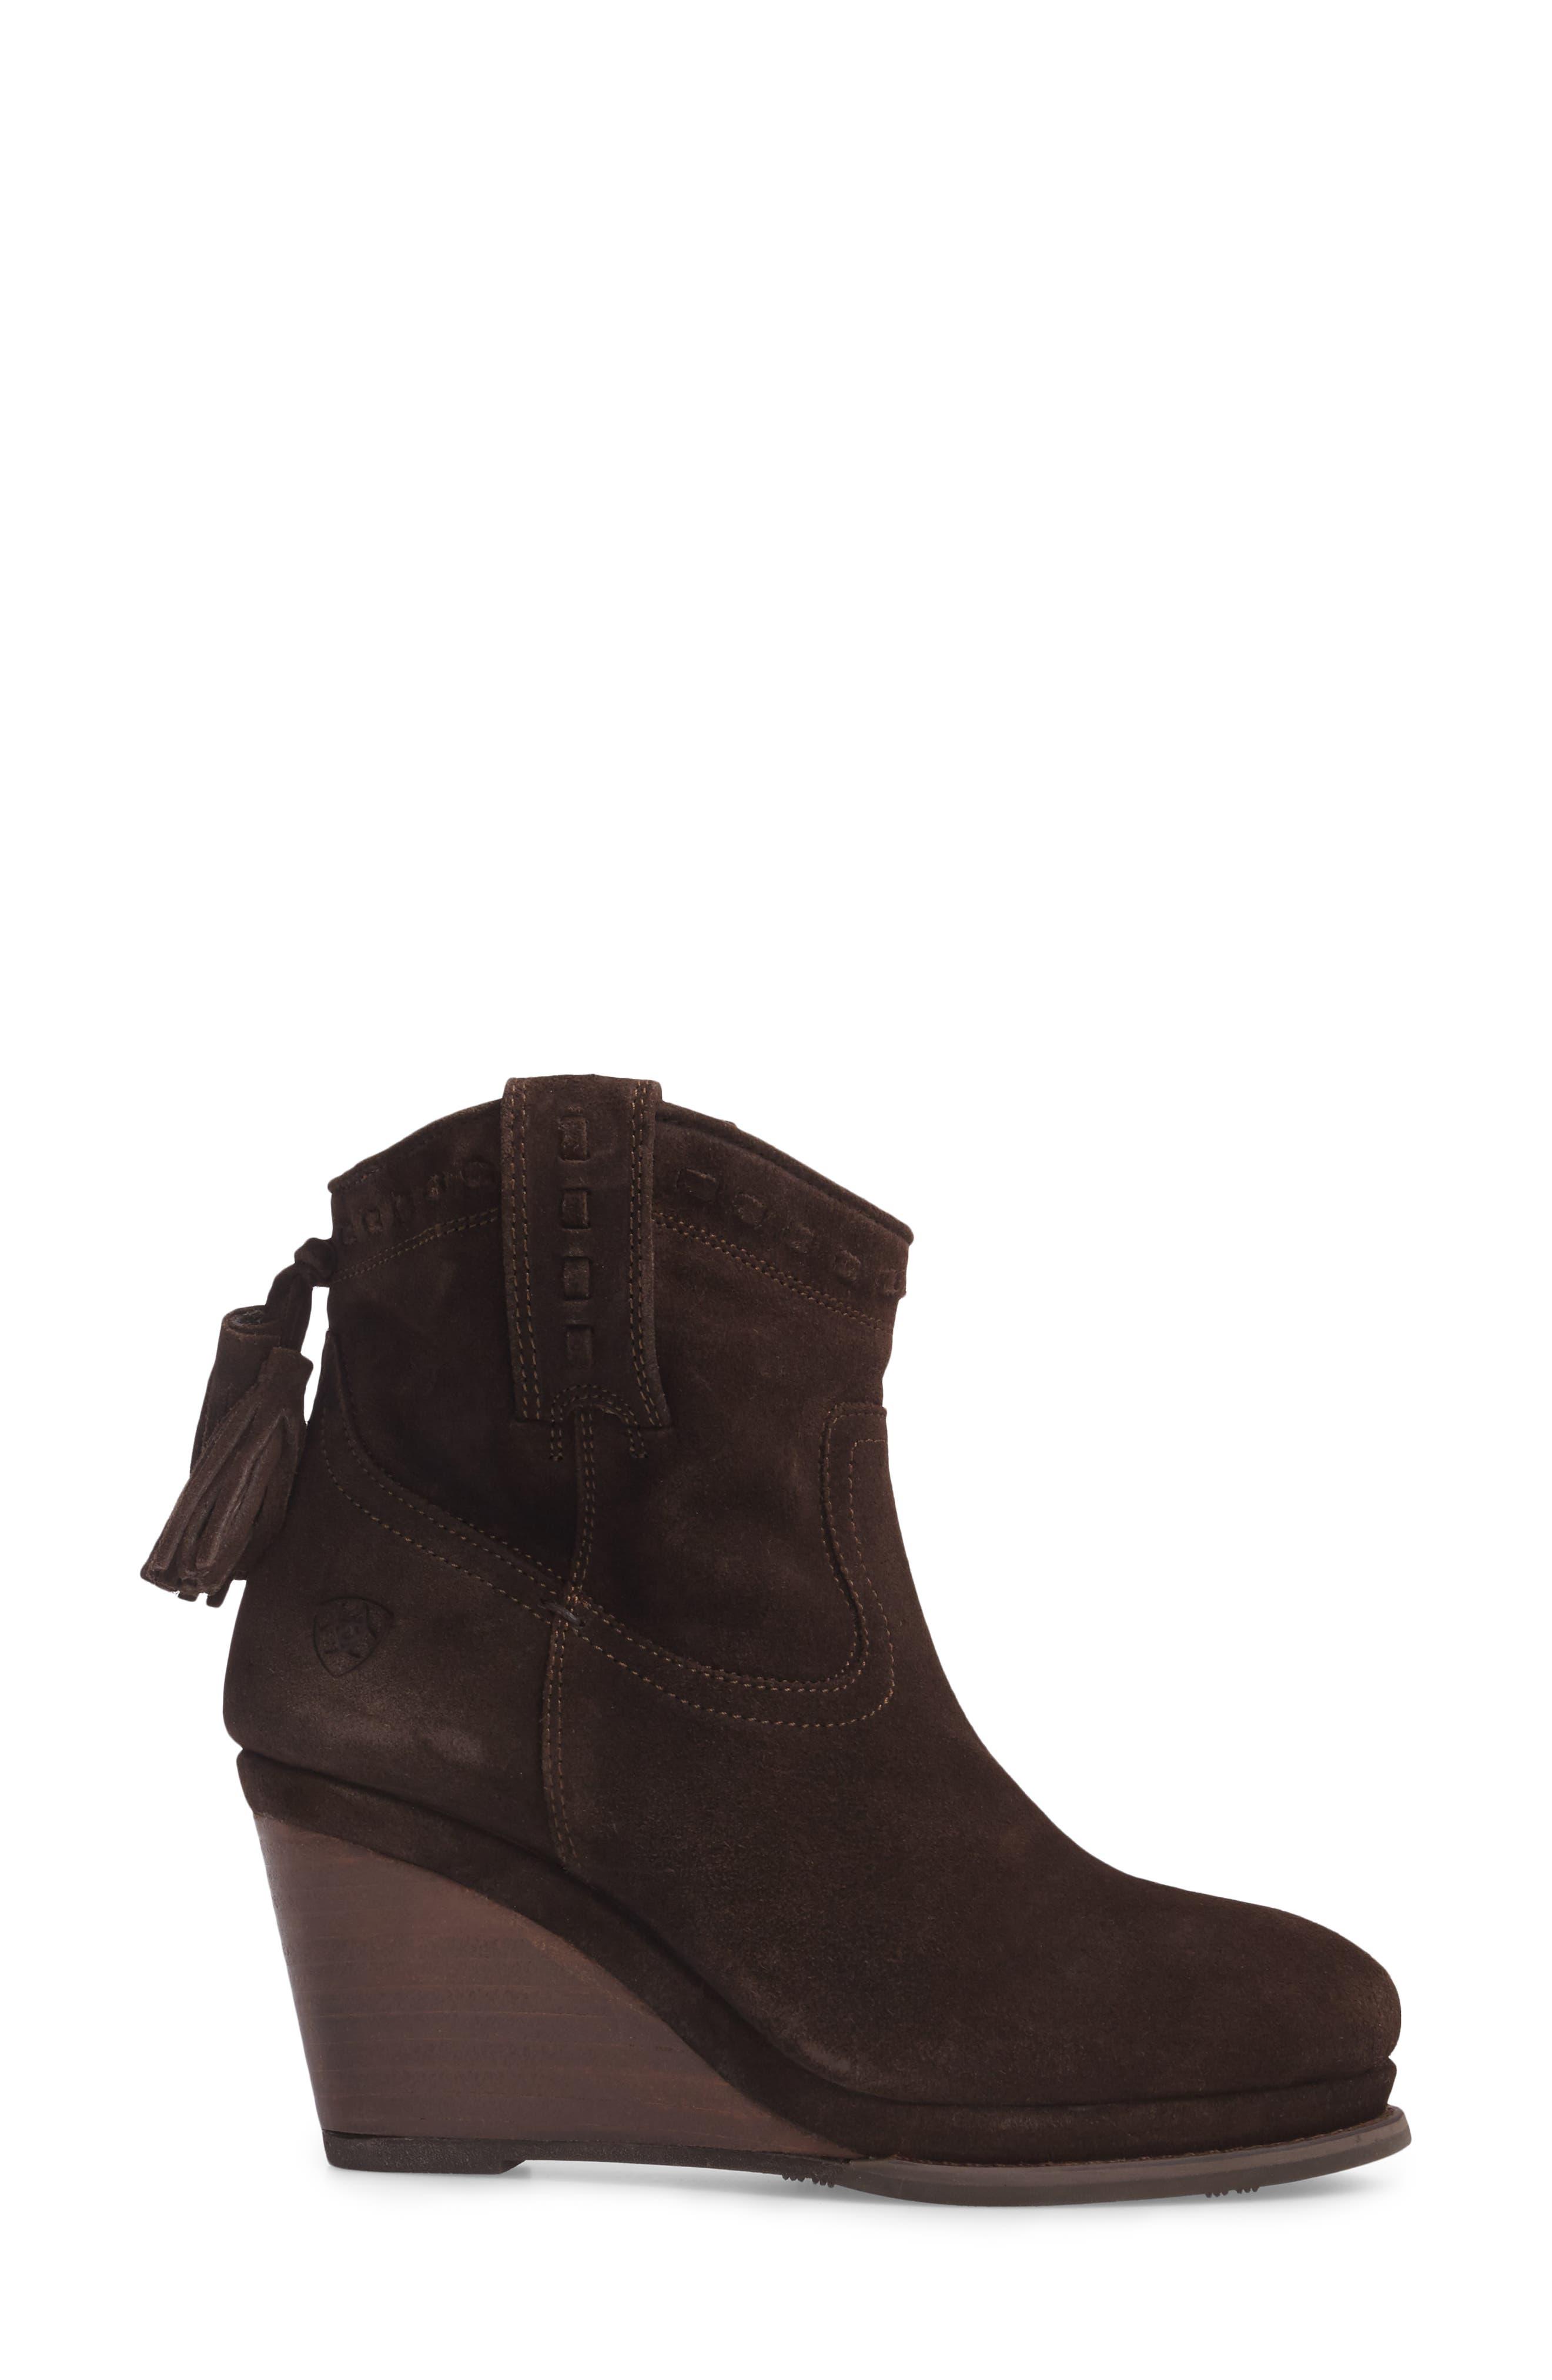 Broadway Western Wedge Boot,                             Alternate thumbnail 3, color,                             Dark Brown Suede